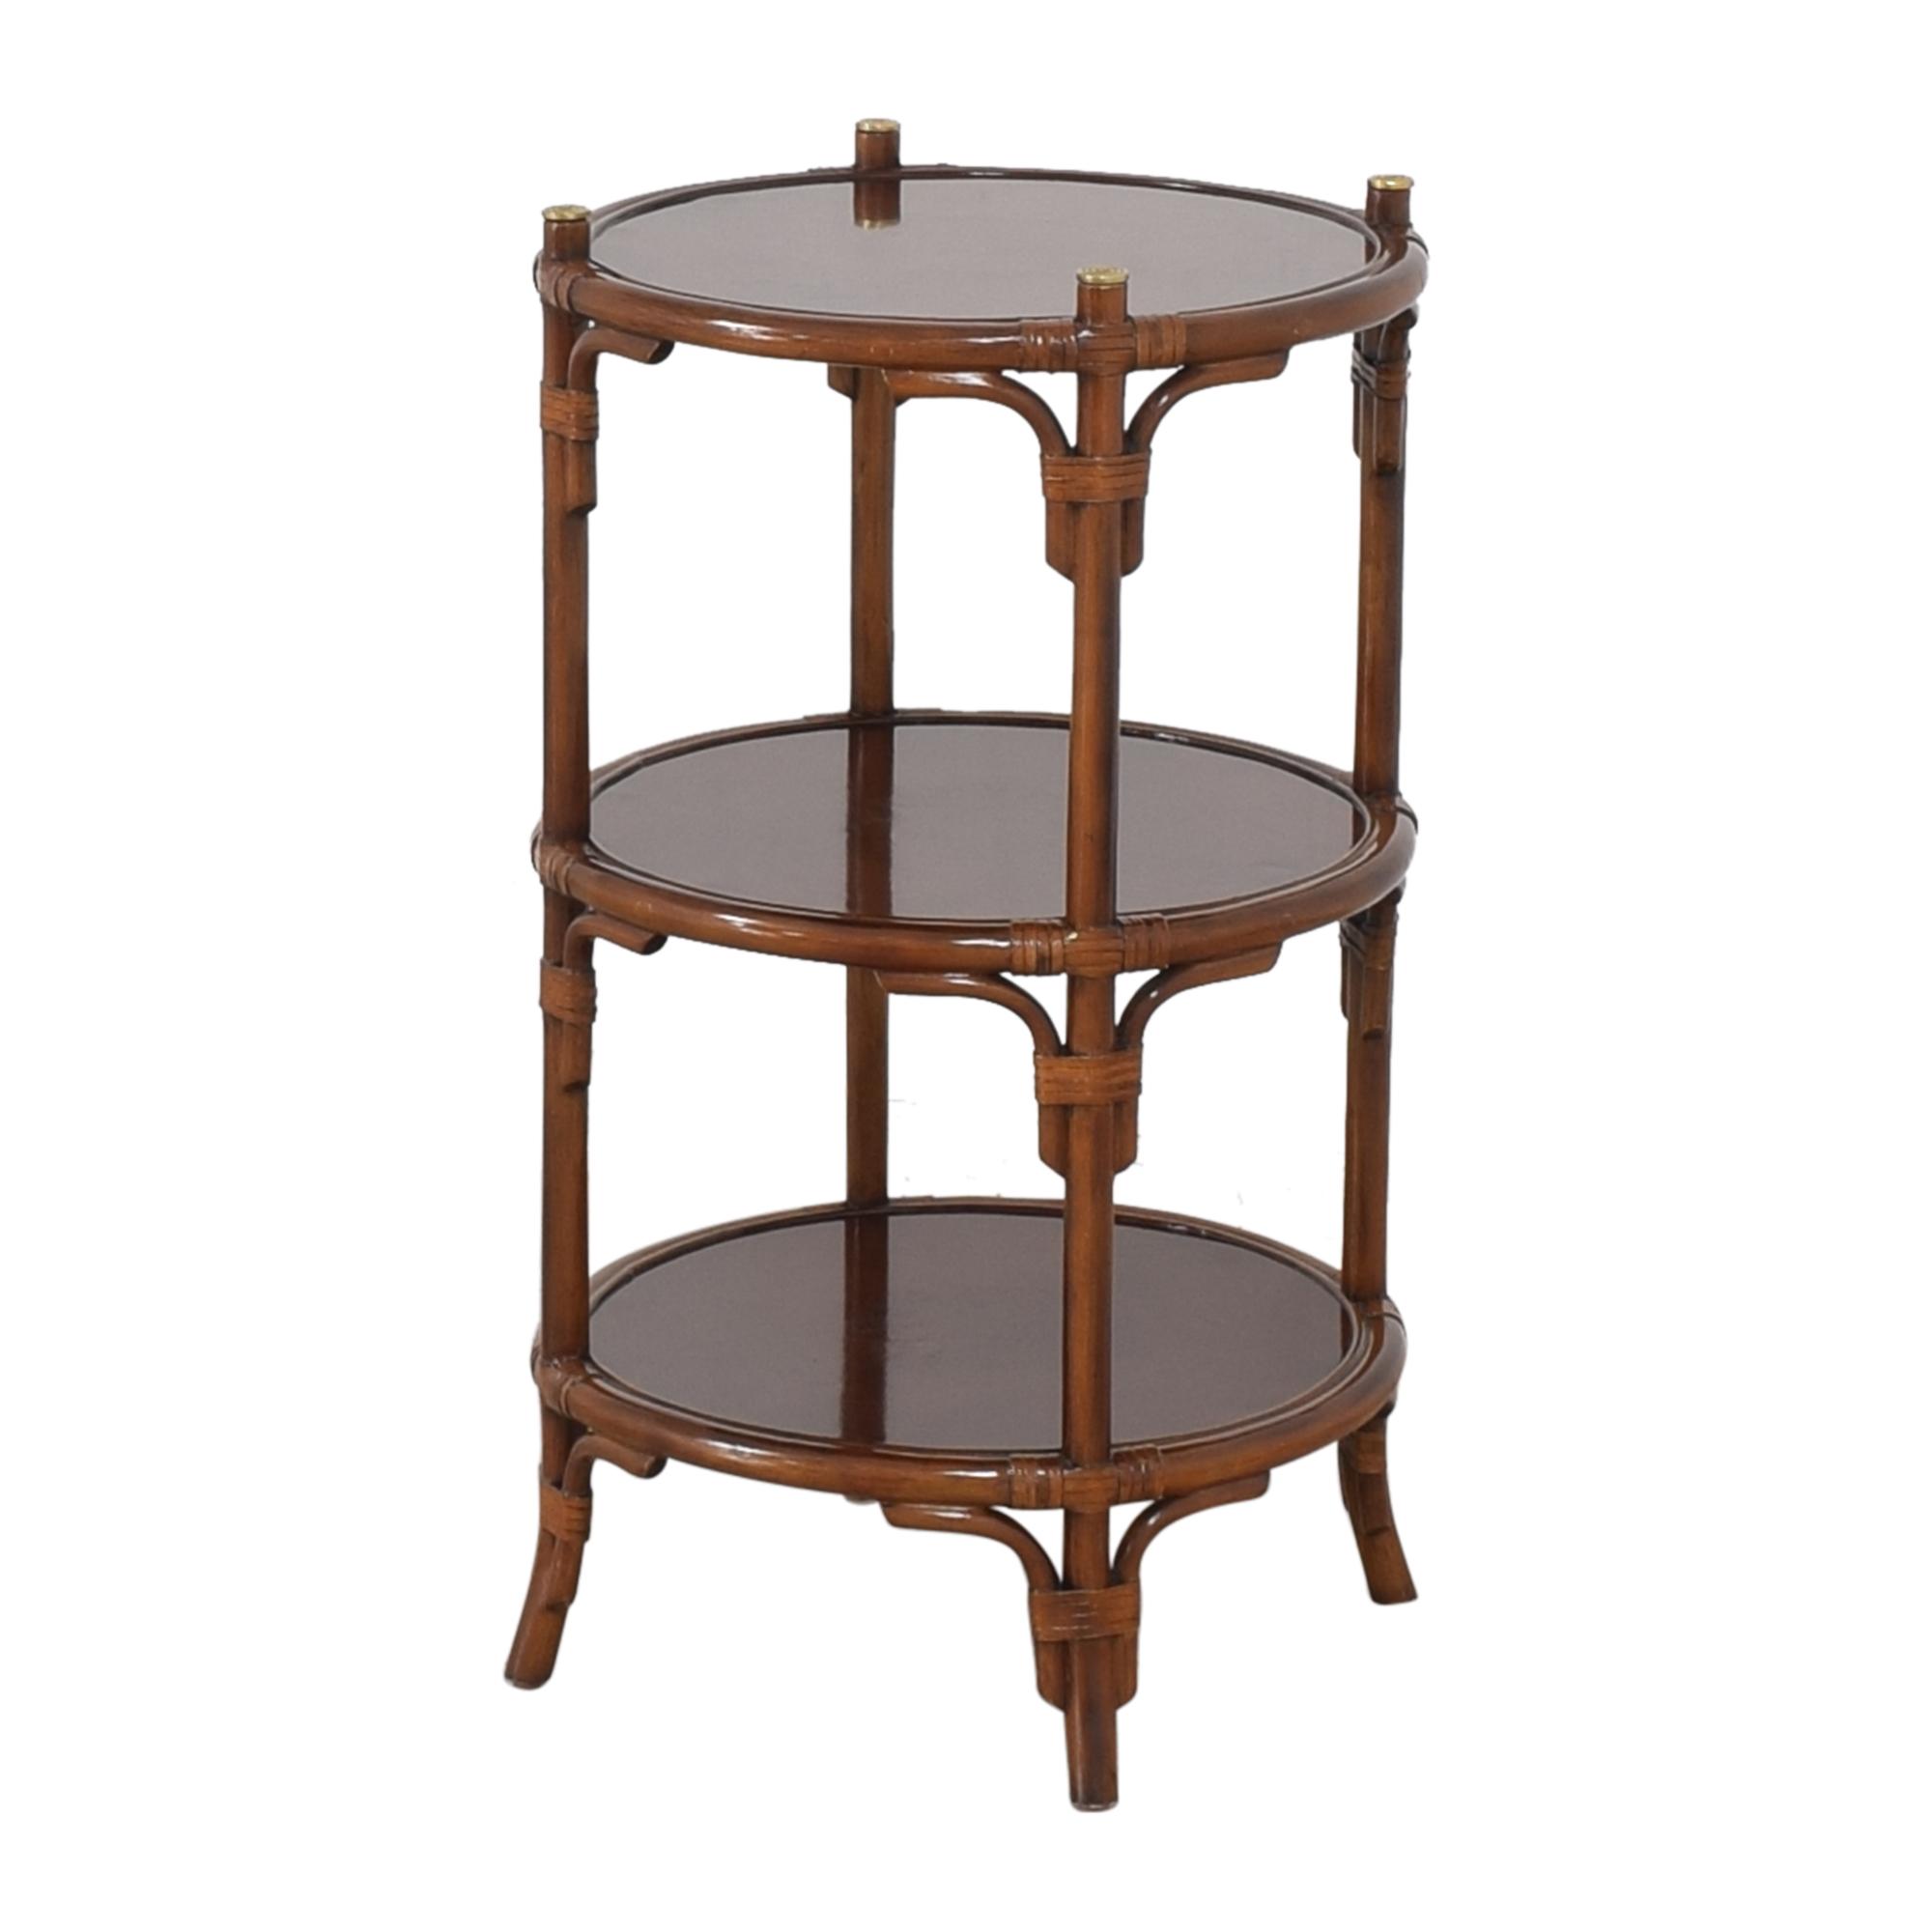 Maitland-Smith Maitland-Smith Three Tier Side Table nyc